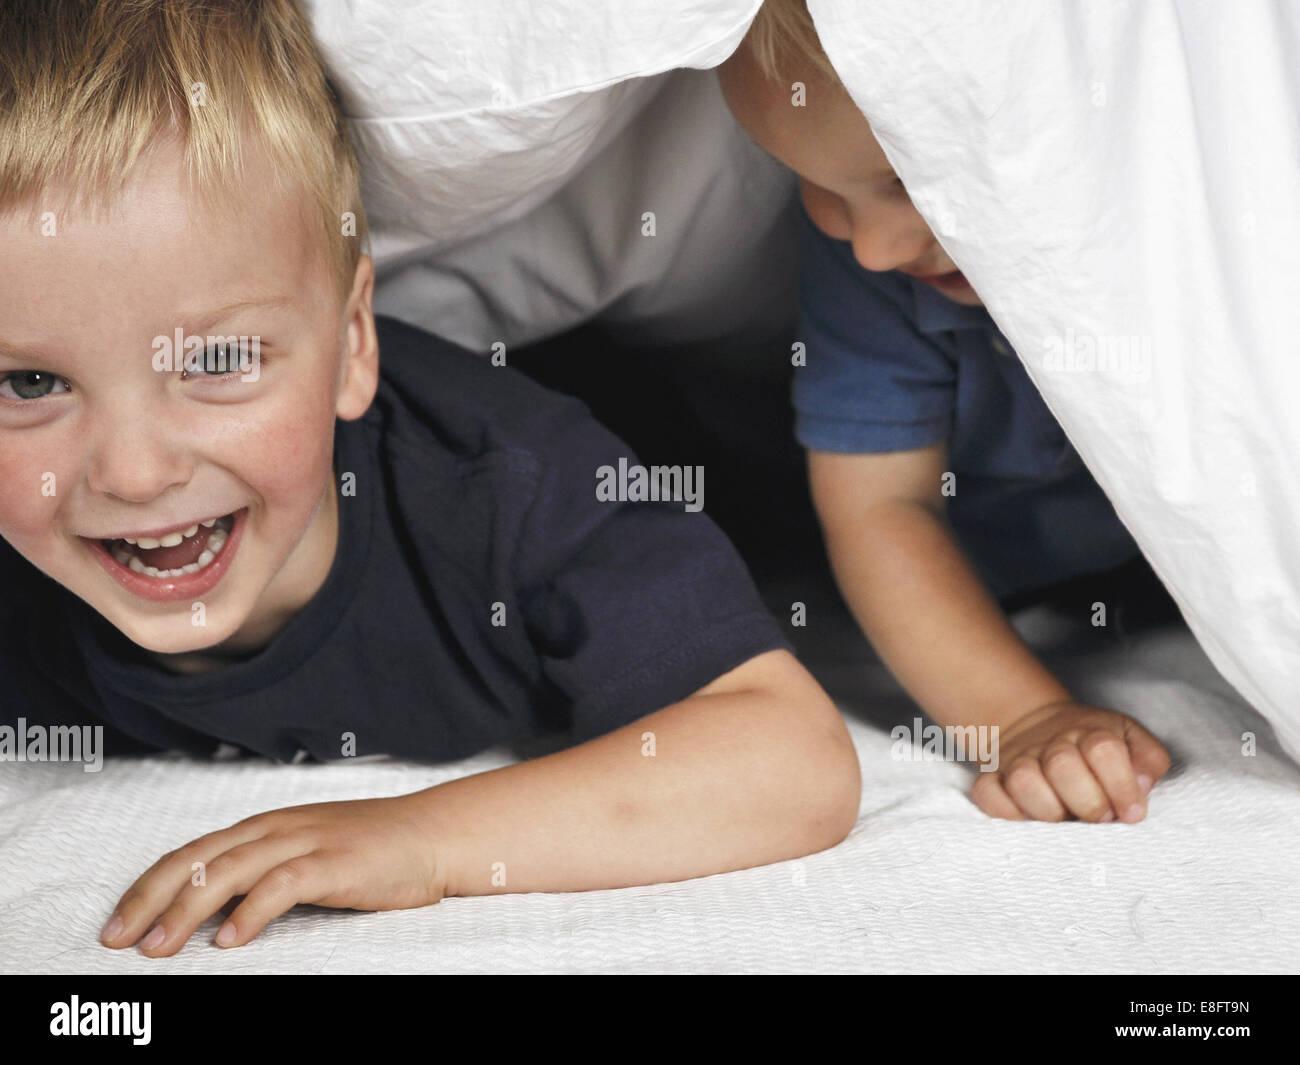 Two boys hiding under duvet - Stock Image